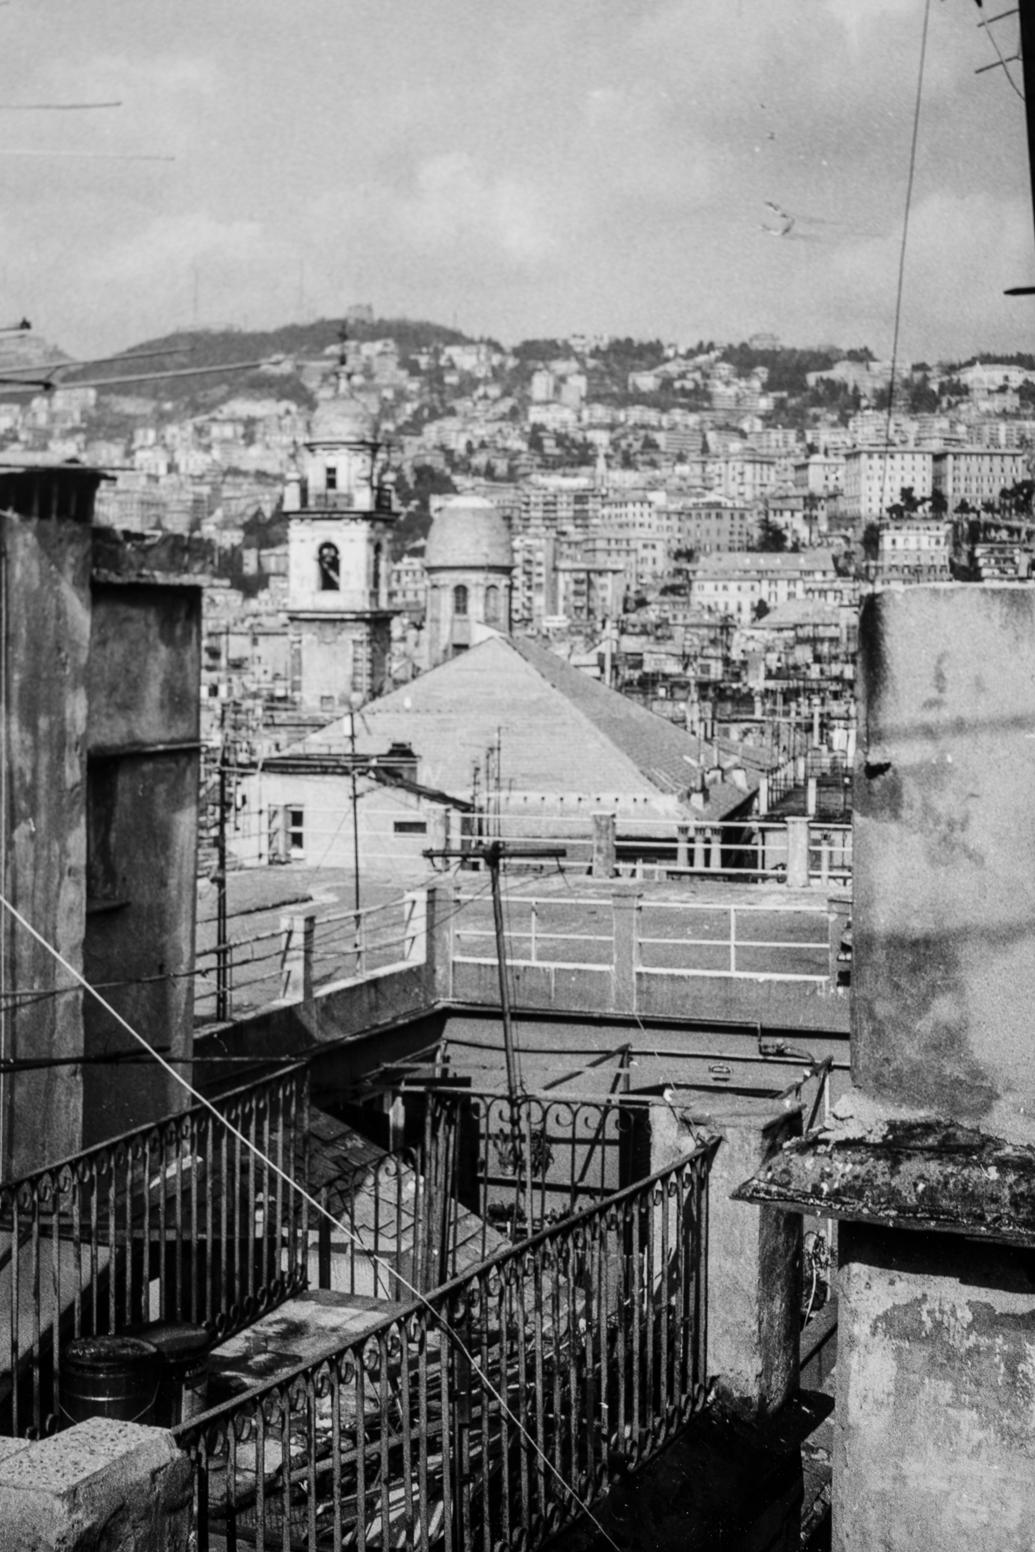 Genova - Genova per noiCon quella faccia un po'cosìQuell'espressione un po'cosìChe abbiamo noi prima d'andare a GenovaE ogni volta ci chiediamoSe quel posto dove andiamoNon c'inghiotte, e non torniamo piùEppur parenti siamo in po'Di quella gente che c'è lìChe come noi è forse un po' selvatica maLa paura che ci fa quel mare scuroE che si muovo anche di notteNon sta fermo maiGenova per noiChe stiamo in fondo alla campagnaE abbiamo il sole in piazza rare volteE il resto è pioggia che ci bagnaGenova, dicevo, e un'idea come un'altraMa quella faccia un po'cosìQuell'espressione un po'cosìChe abbiamo noiMentre guardiamo GenovaEd ogni volta l'annusiamoE circospetti ci muoviamoUn po'randagi ci sentiamo noiMacaia, scimmia di luce e di folliaFoschia, pesci,…Paolo Conte